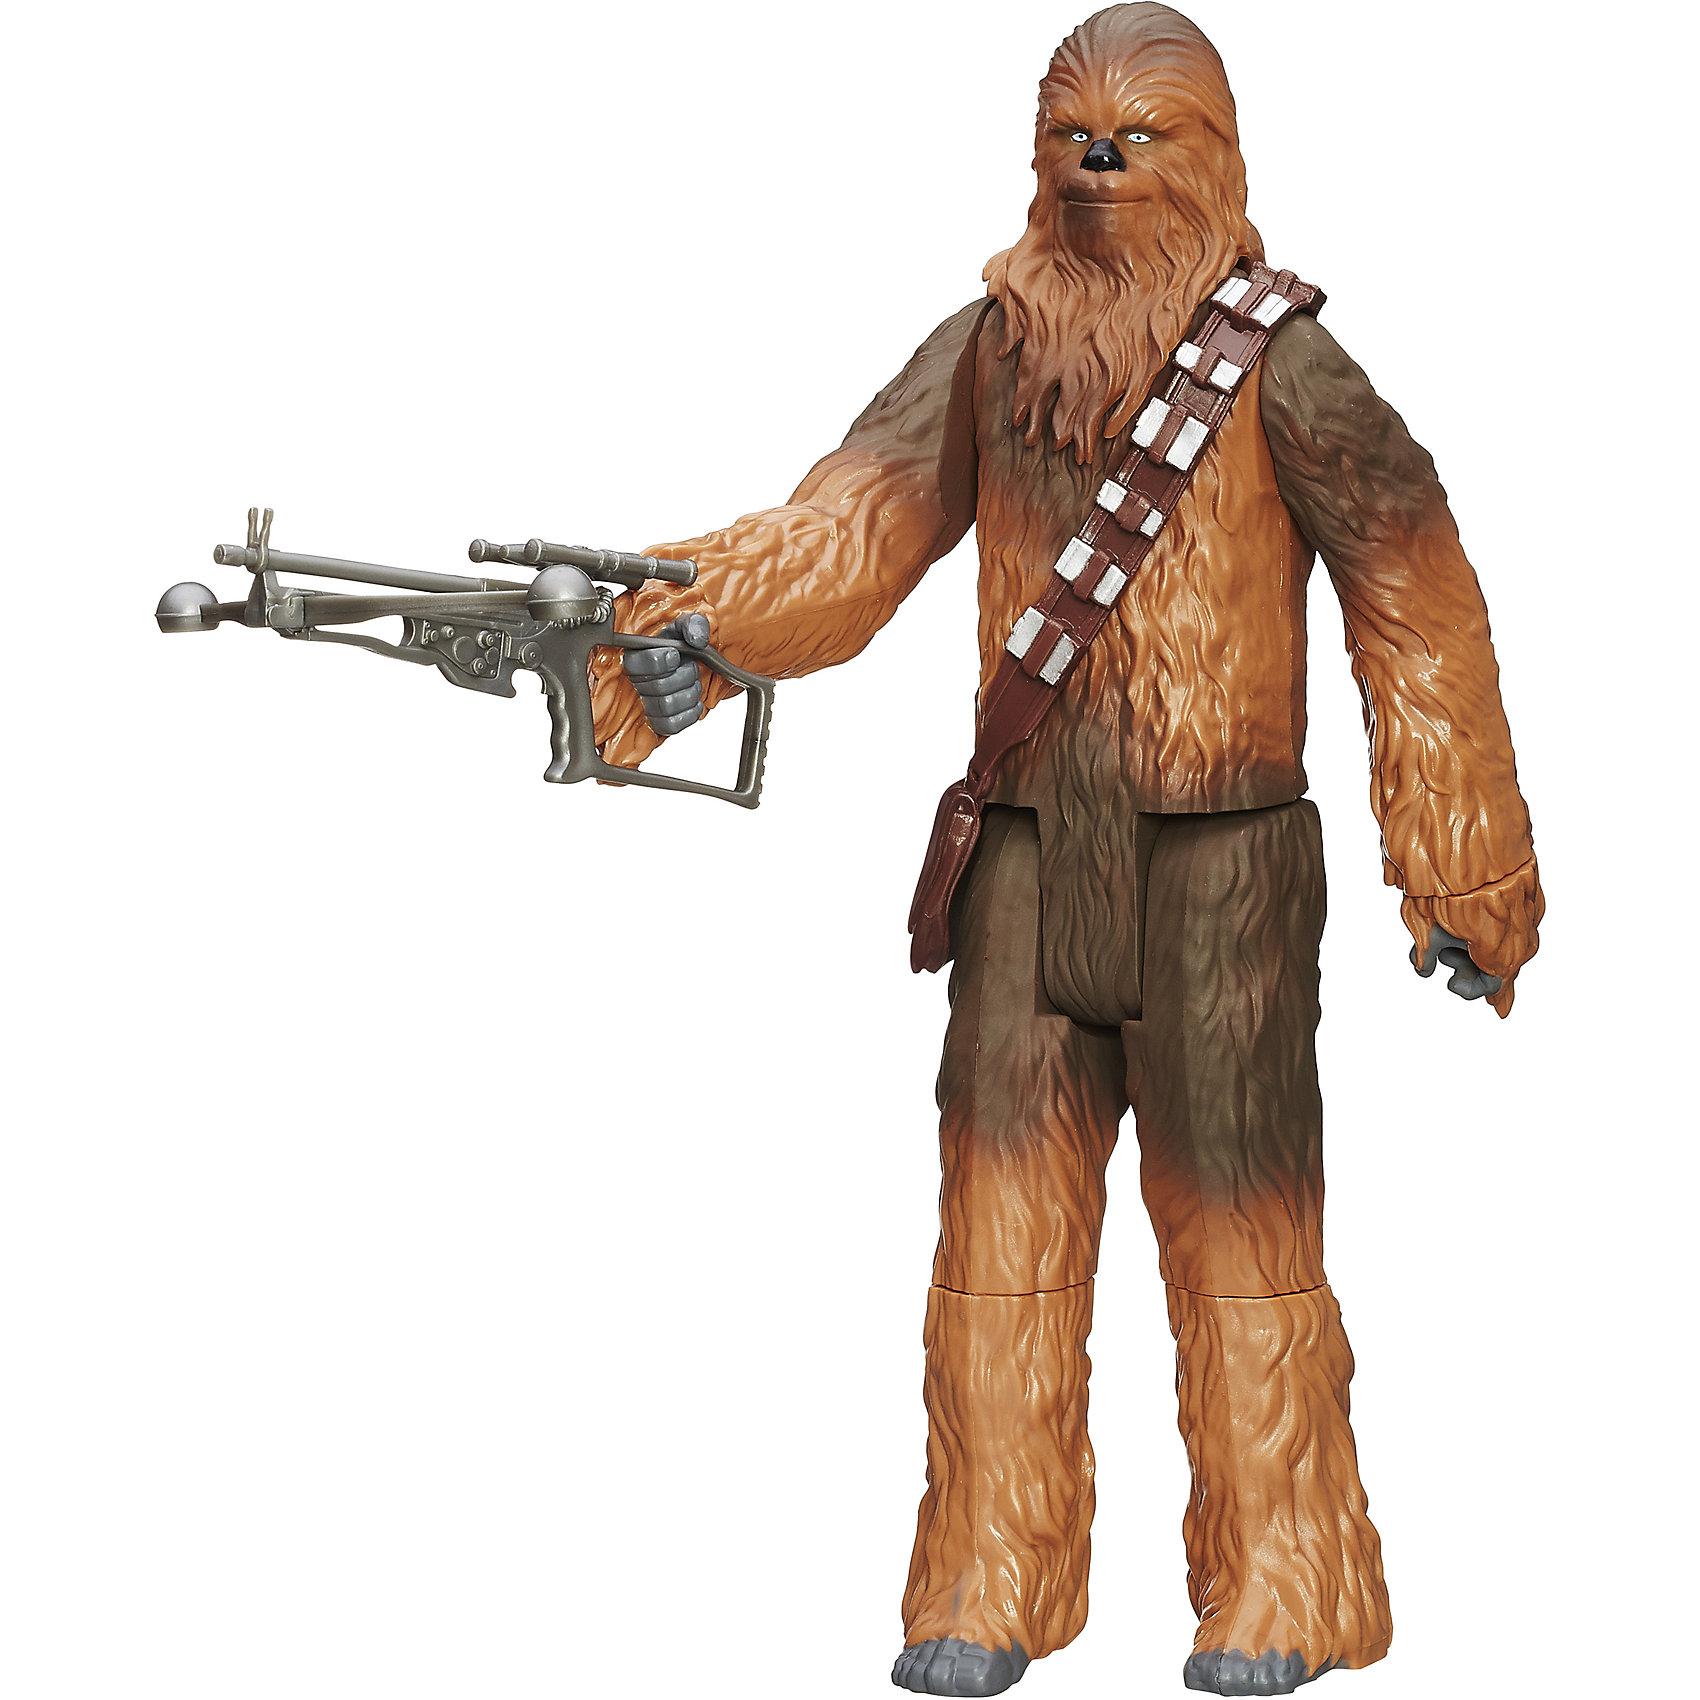 Титаны, с аксессуарами,  Звездные войны, B3914/B3915Игрушки<br>Титаны, с аксессуарами,  Звездные войны, в ассортименте – это превосходный подарок для поклонника Звёздных войн. Большая фигурка героя из серии Титаны Звездные войны выполнена полностью по образу и подобию своего героя-прототипа. Игрушка достигает в высоту целых 30 сантиметров. В ассортименте представлены два вида фигурок. Первая - фигурка Штурмовика-огнемётчика, одного из новых типов клонов-штурмовиков, которых мы увидим в седьмом эпизоде «Звездных войн». Это специализированные штурмовики, используемые Первым порядком через 30 лет после битвы при Эндоре. Данный тип солдат использует огнемётное оружие и носит традиционную белую броню. Вторая - замечательная фигурка всем нам хорошо знакомого и любимого вуки Чубакки, верного друга и помощника капитана Хана Соло. Они готовы к бою, благодаря доспехам и оружию.  Дополнительная информация:  - В наборе: фигурка персонажа, доспехи, оружие - В ассортименте 2 фигурки: Штурмовик и Чубакка - Высота фигурки: 30 см. - Материал: пластмасса - Размер упаковки: 30 x 16 x 6 см. - Вес: 320 гр. - ВНИМАНИЕ! Данный артикул представлен в разных вариантах исполнения. К сожалению, заранее выбрать определенный вариант невозможно. При заказе нескольких наборов возможно получение одинаковых  Набор Титаны, с аксессуарами,  Звездные войны (Star Wars), в ассортименте можно купить в нашем интернет-магазине.<br><br>Ширина мм: 310<br>Глубина мм: 172<br>Высота мм: 68<br>Вес г: 440<br>Возраст от месяцев: 48<br>Возраст до месяцев: 96<br>Пол: Мужской<br>Возраст: Детский<br>SKU: 4803341